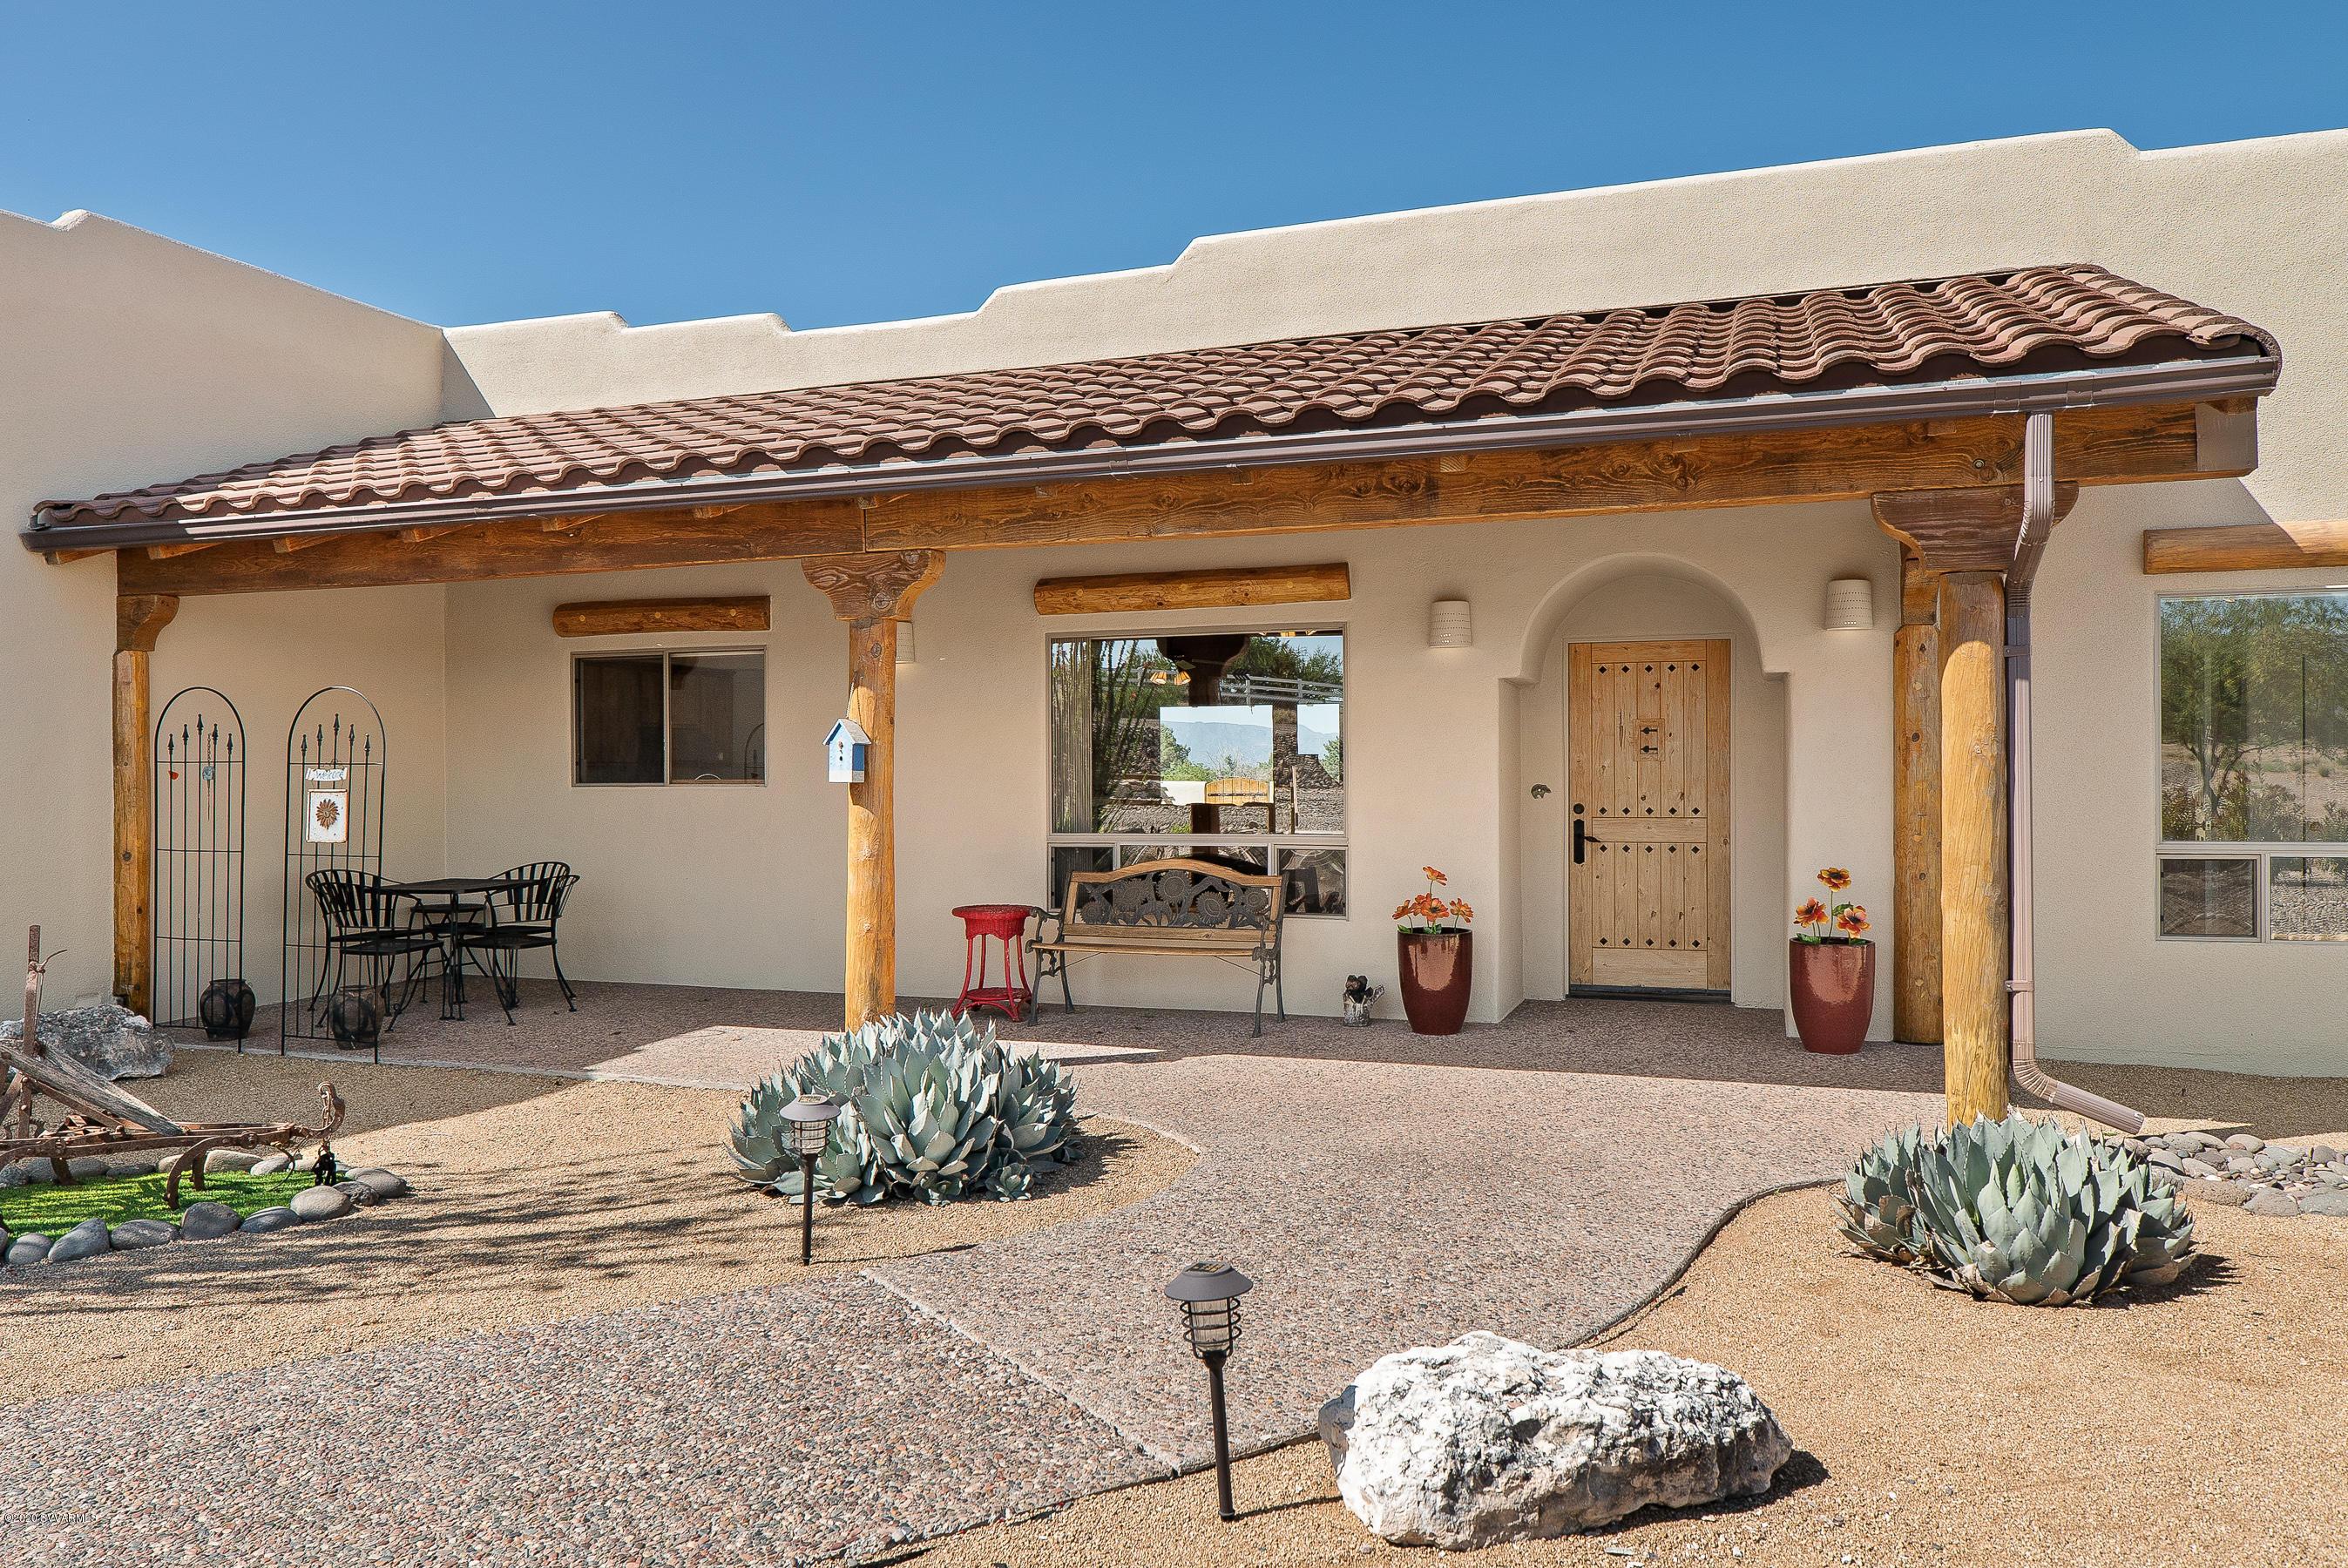 1240 S Mountain View Rd Cornville, AZ 86325